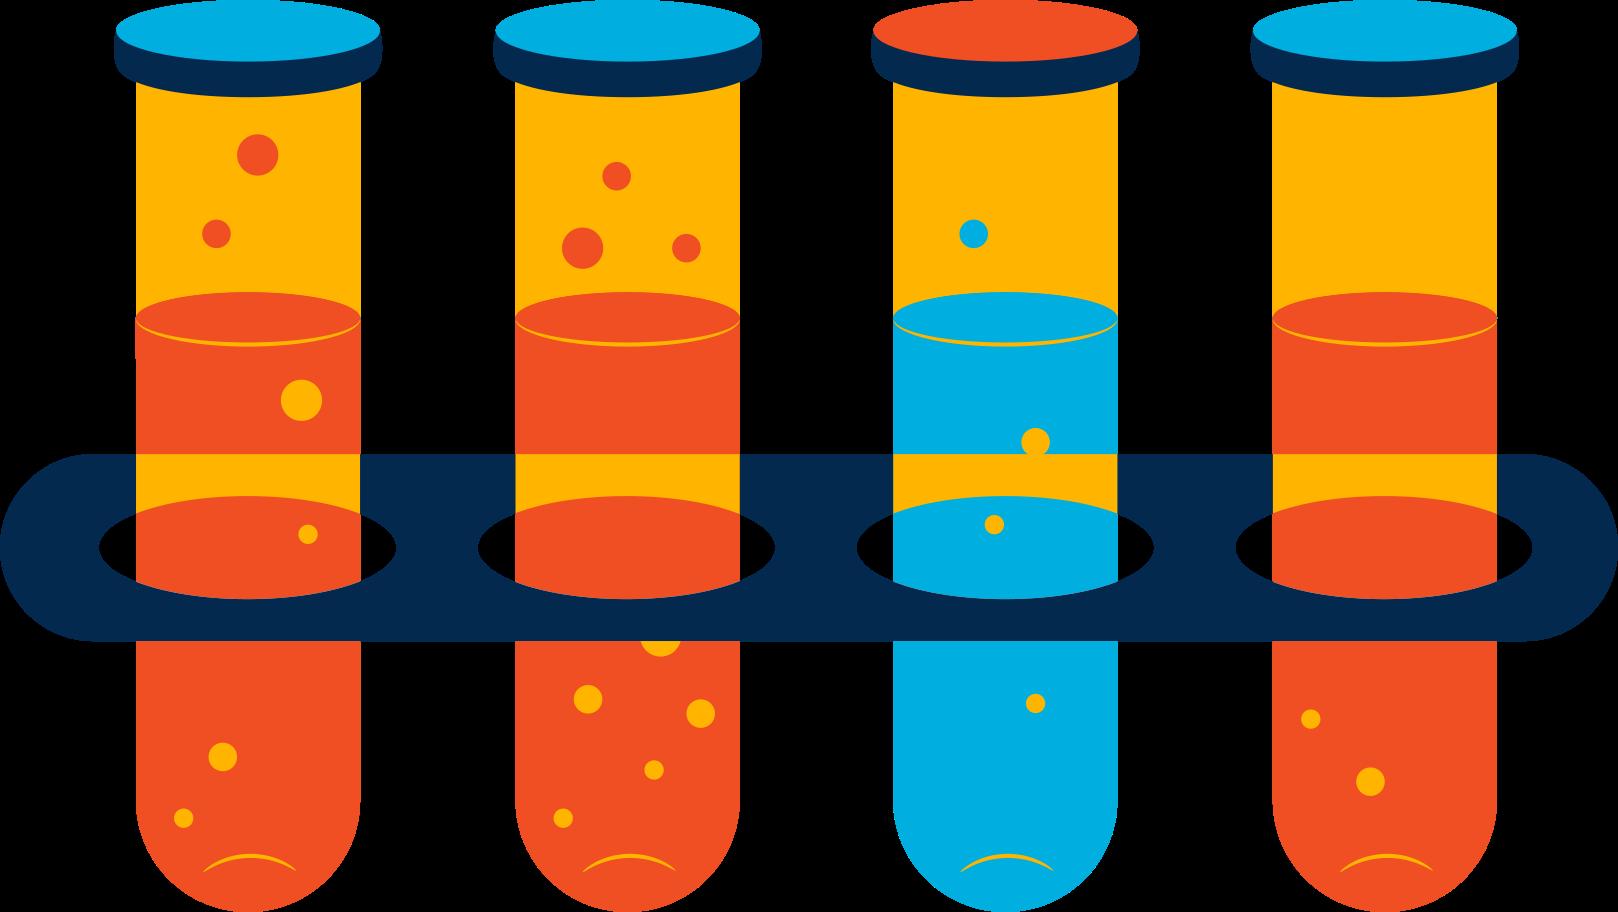 flasks Clipart illustration in PNG, SVG